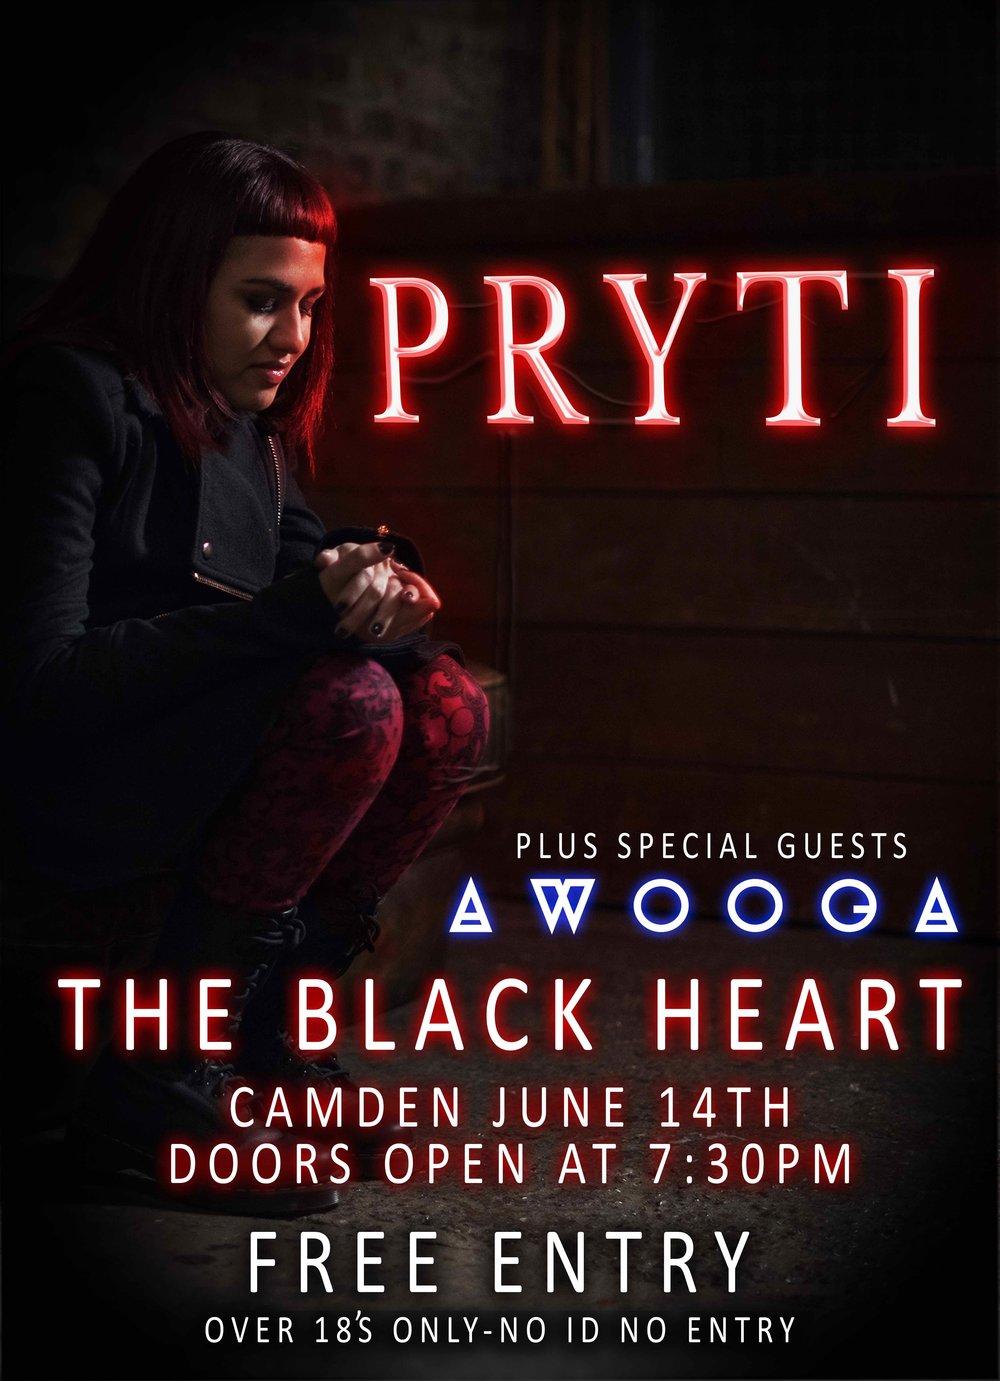 Black Heart 2017 gig poster.jpg